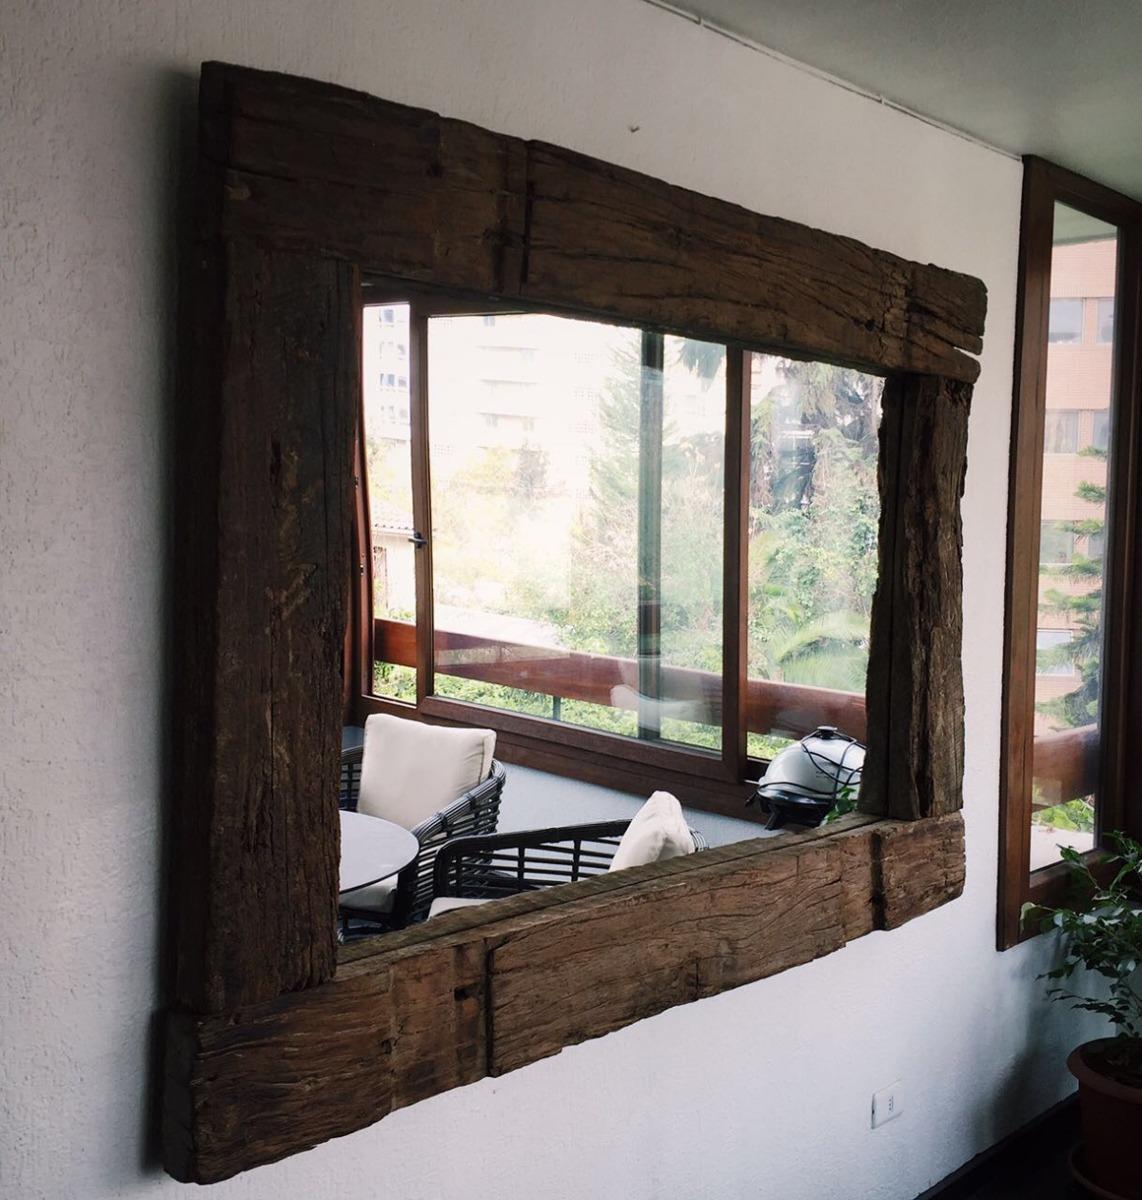 Espejo r sticos de durmientes roble 1 8 x 1 3 m 350 for Donde venden espejos